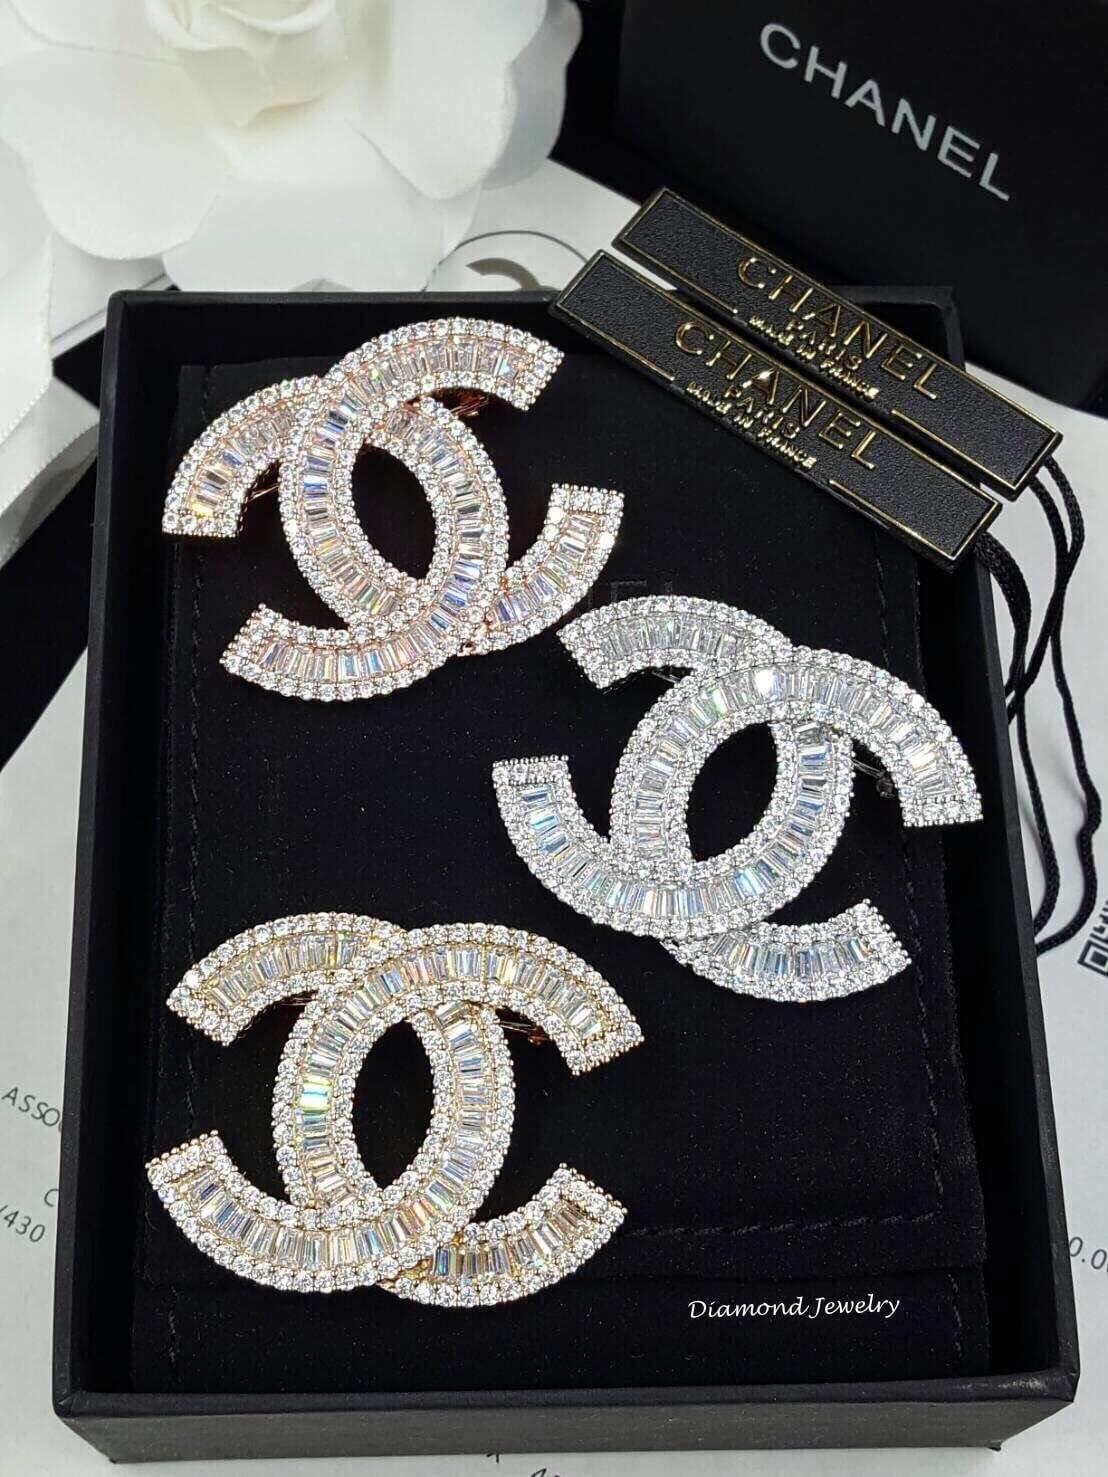 พร้อมส่ง Chanel Brooch ตัวนี้ค่ะ รุ่นนี้ใช้เพชร CZ แท้เกรดดีที่สุด